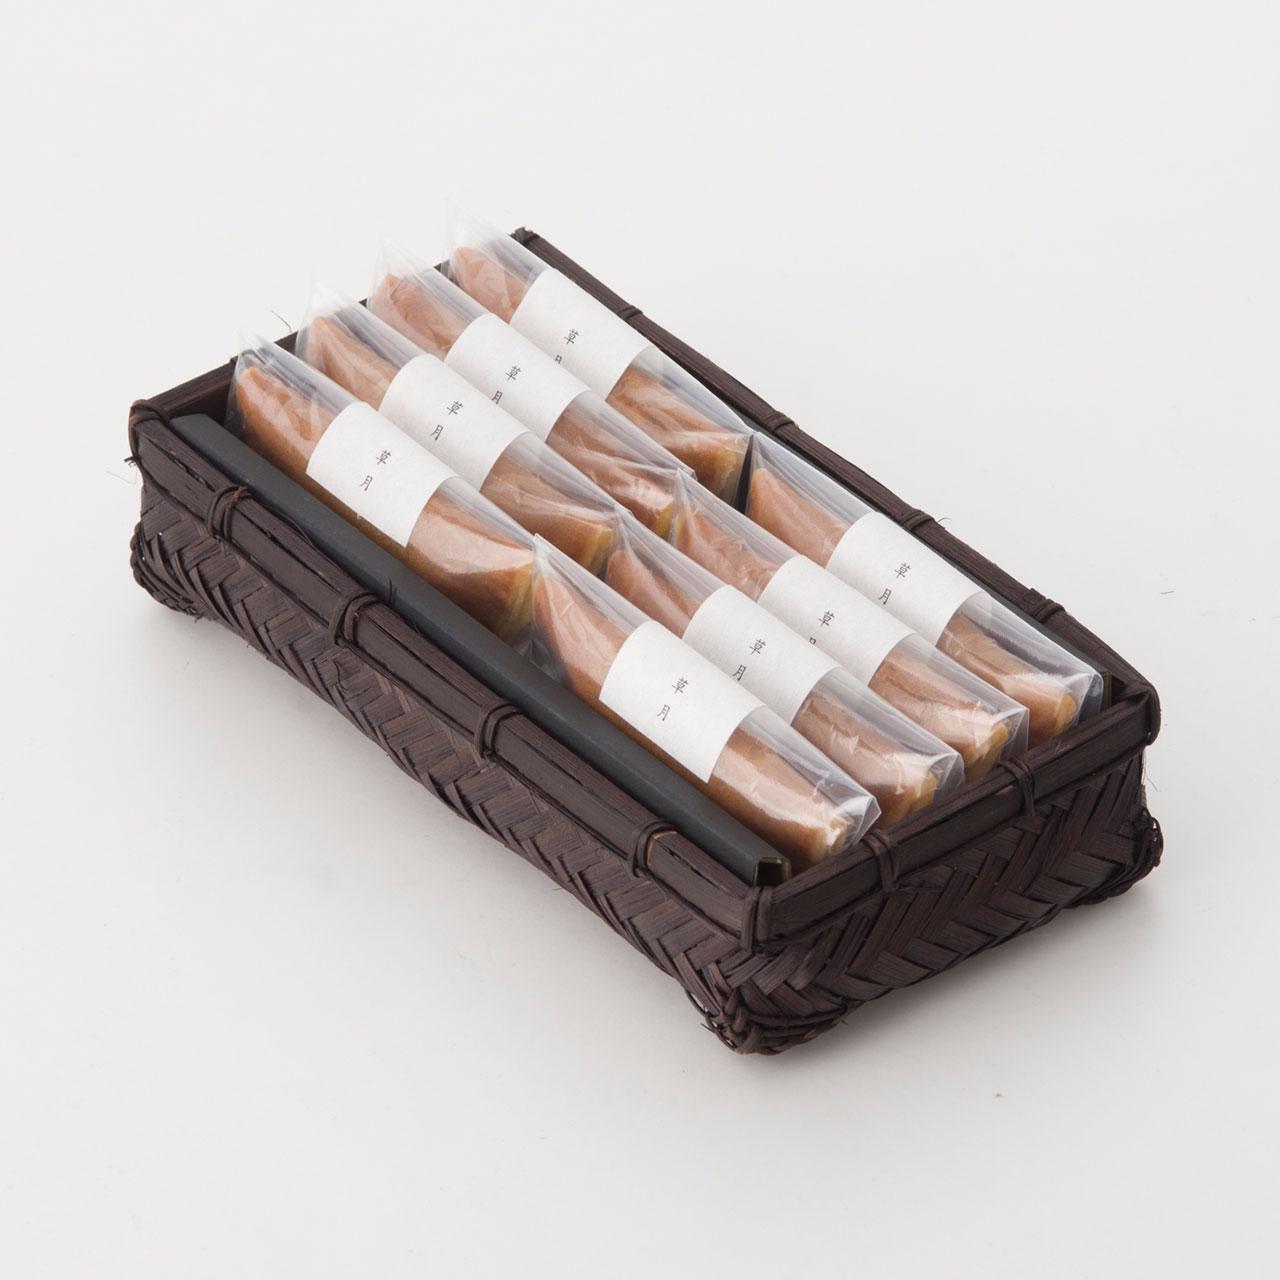 K 百菓行李(3)